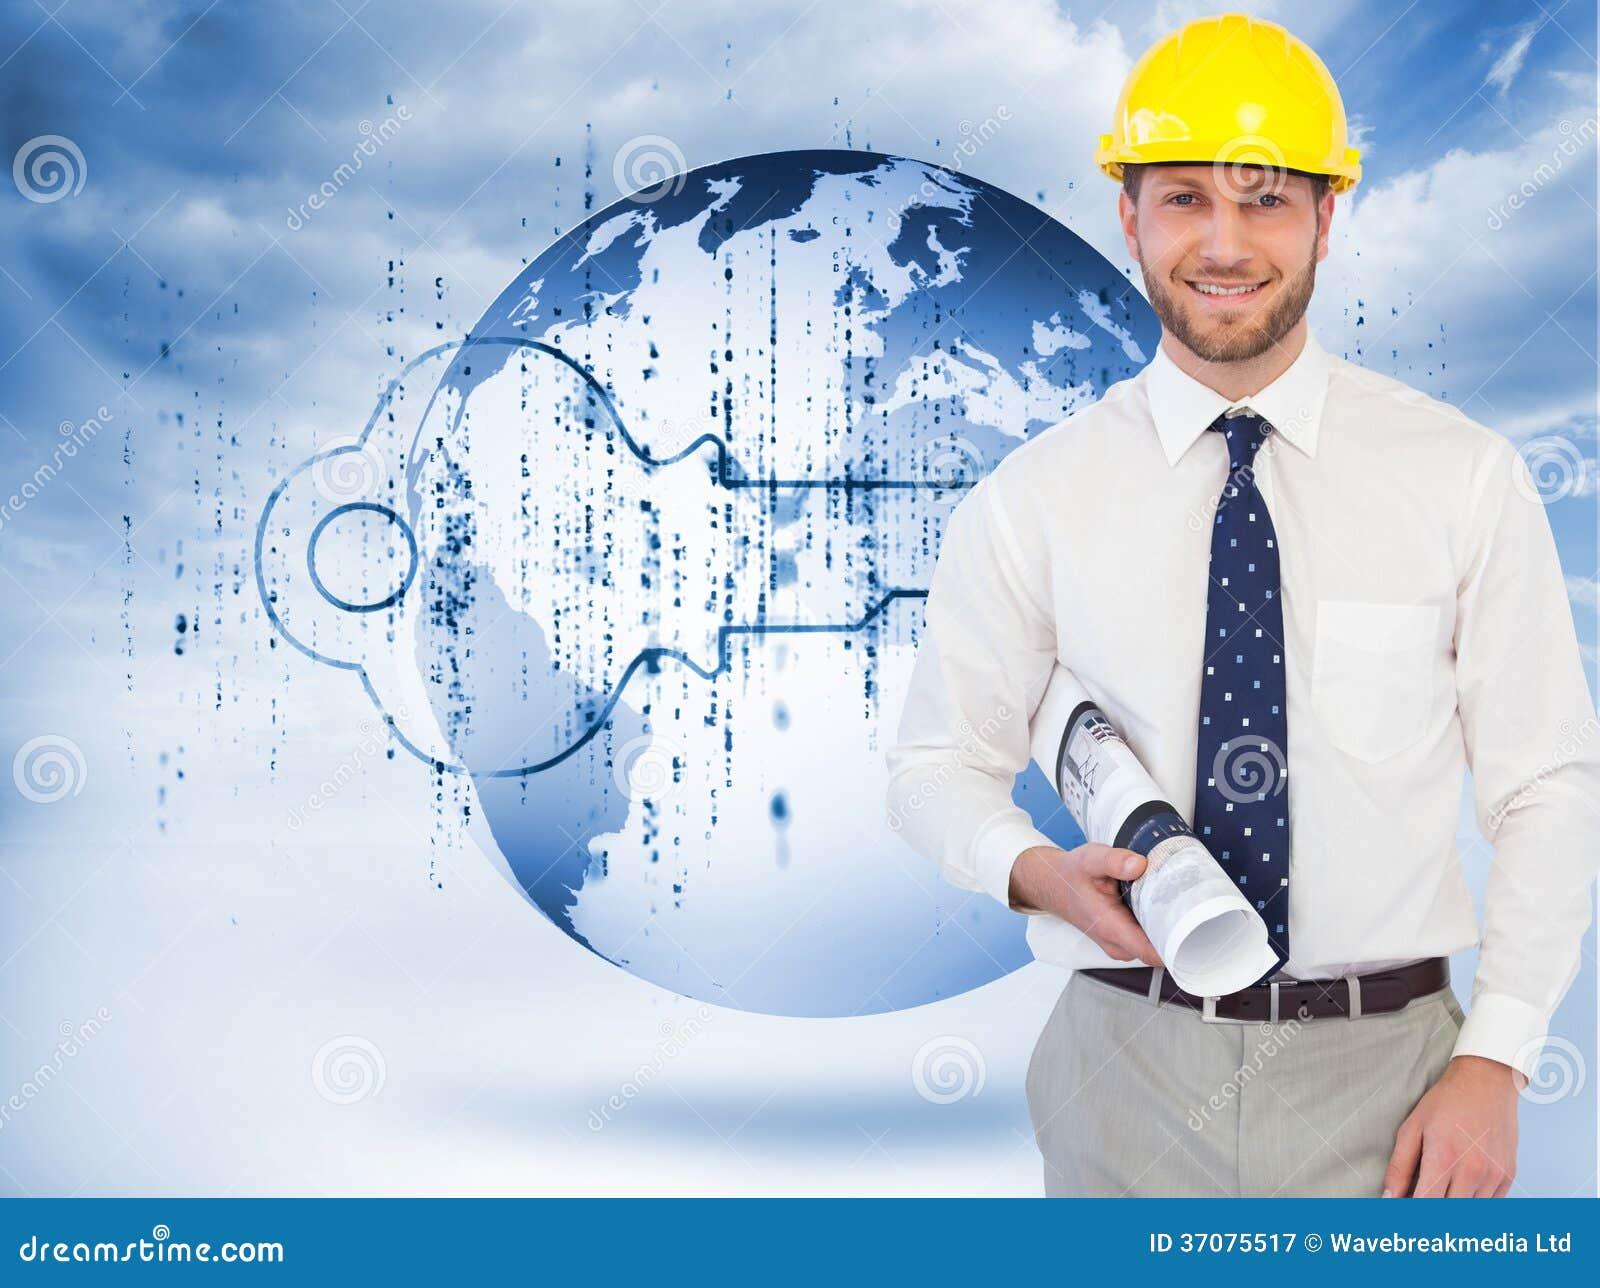 Download Rozochocony Młody Architekta Pozować Obraz Stock - Obraz złożonej z mężczyzna, błękitny: 37075517